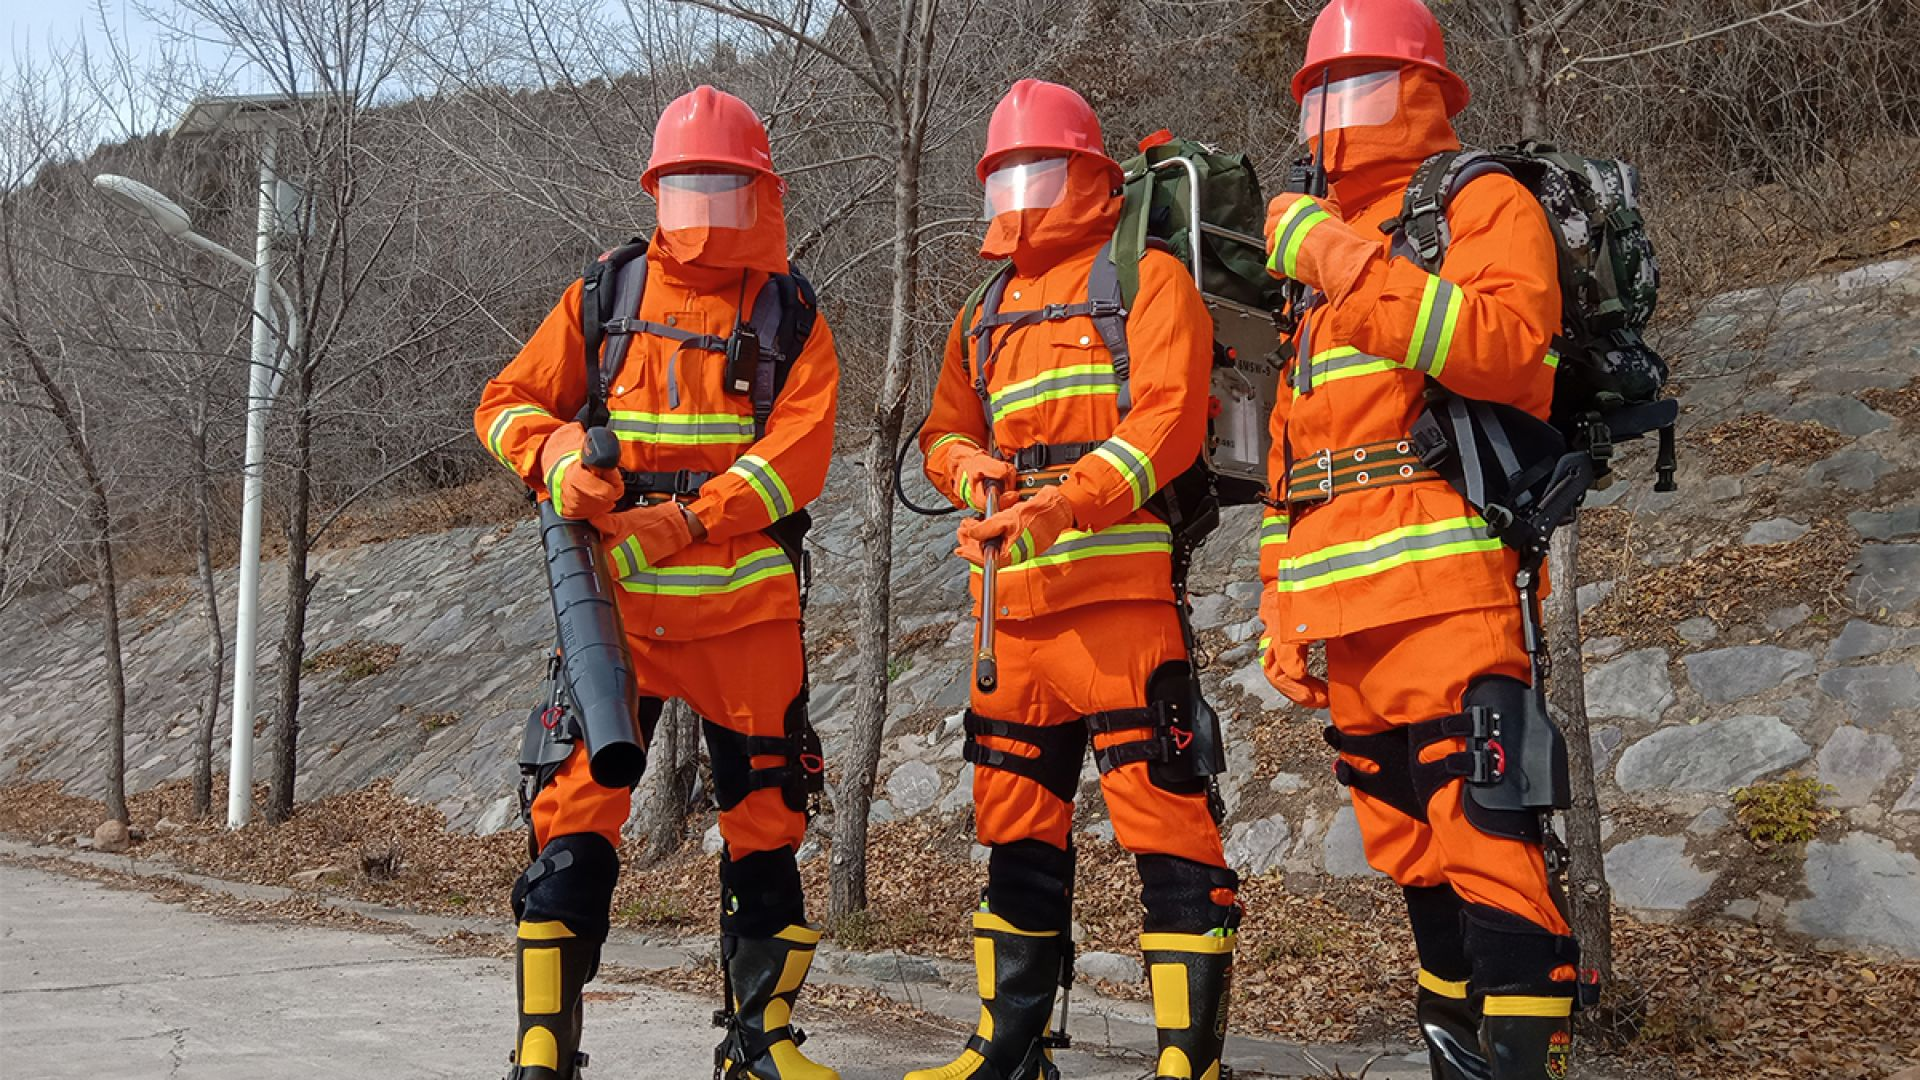 Китайски пожарникари ще използват екзоскелети за допълнителна сила